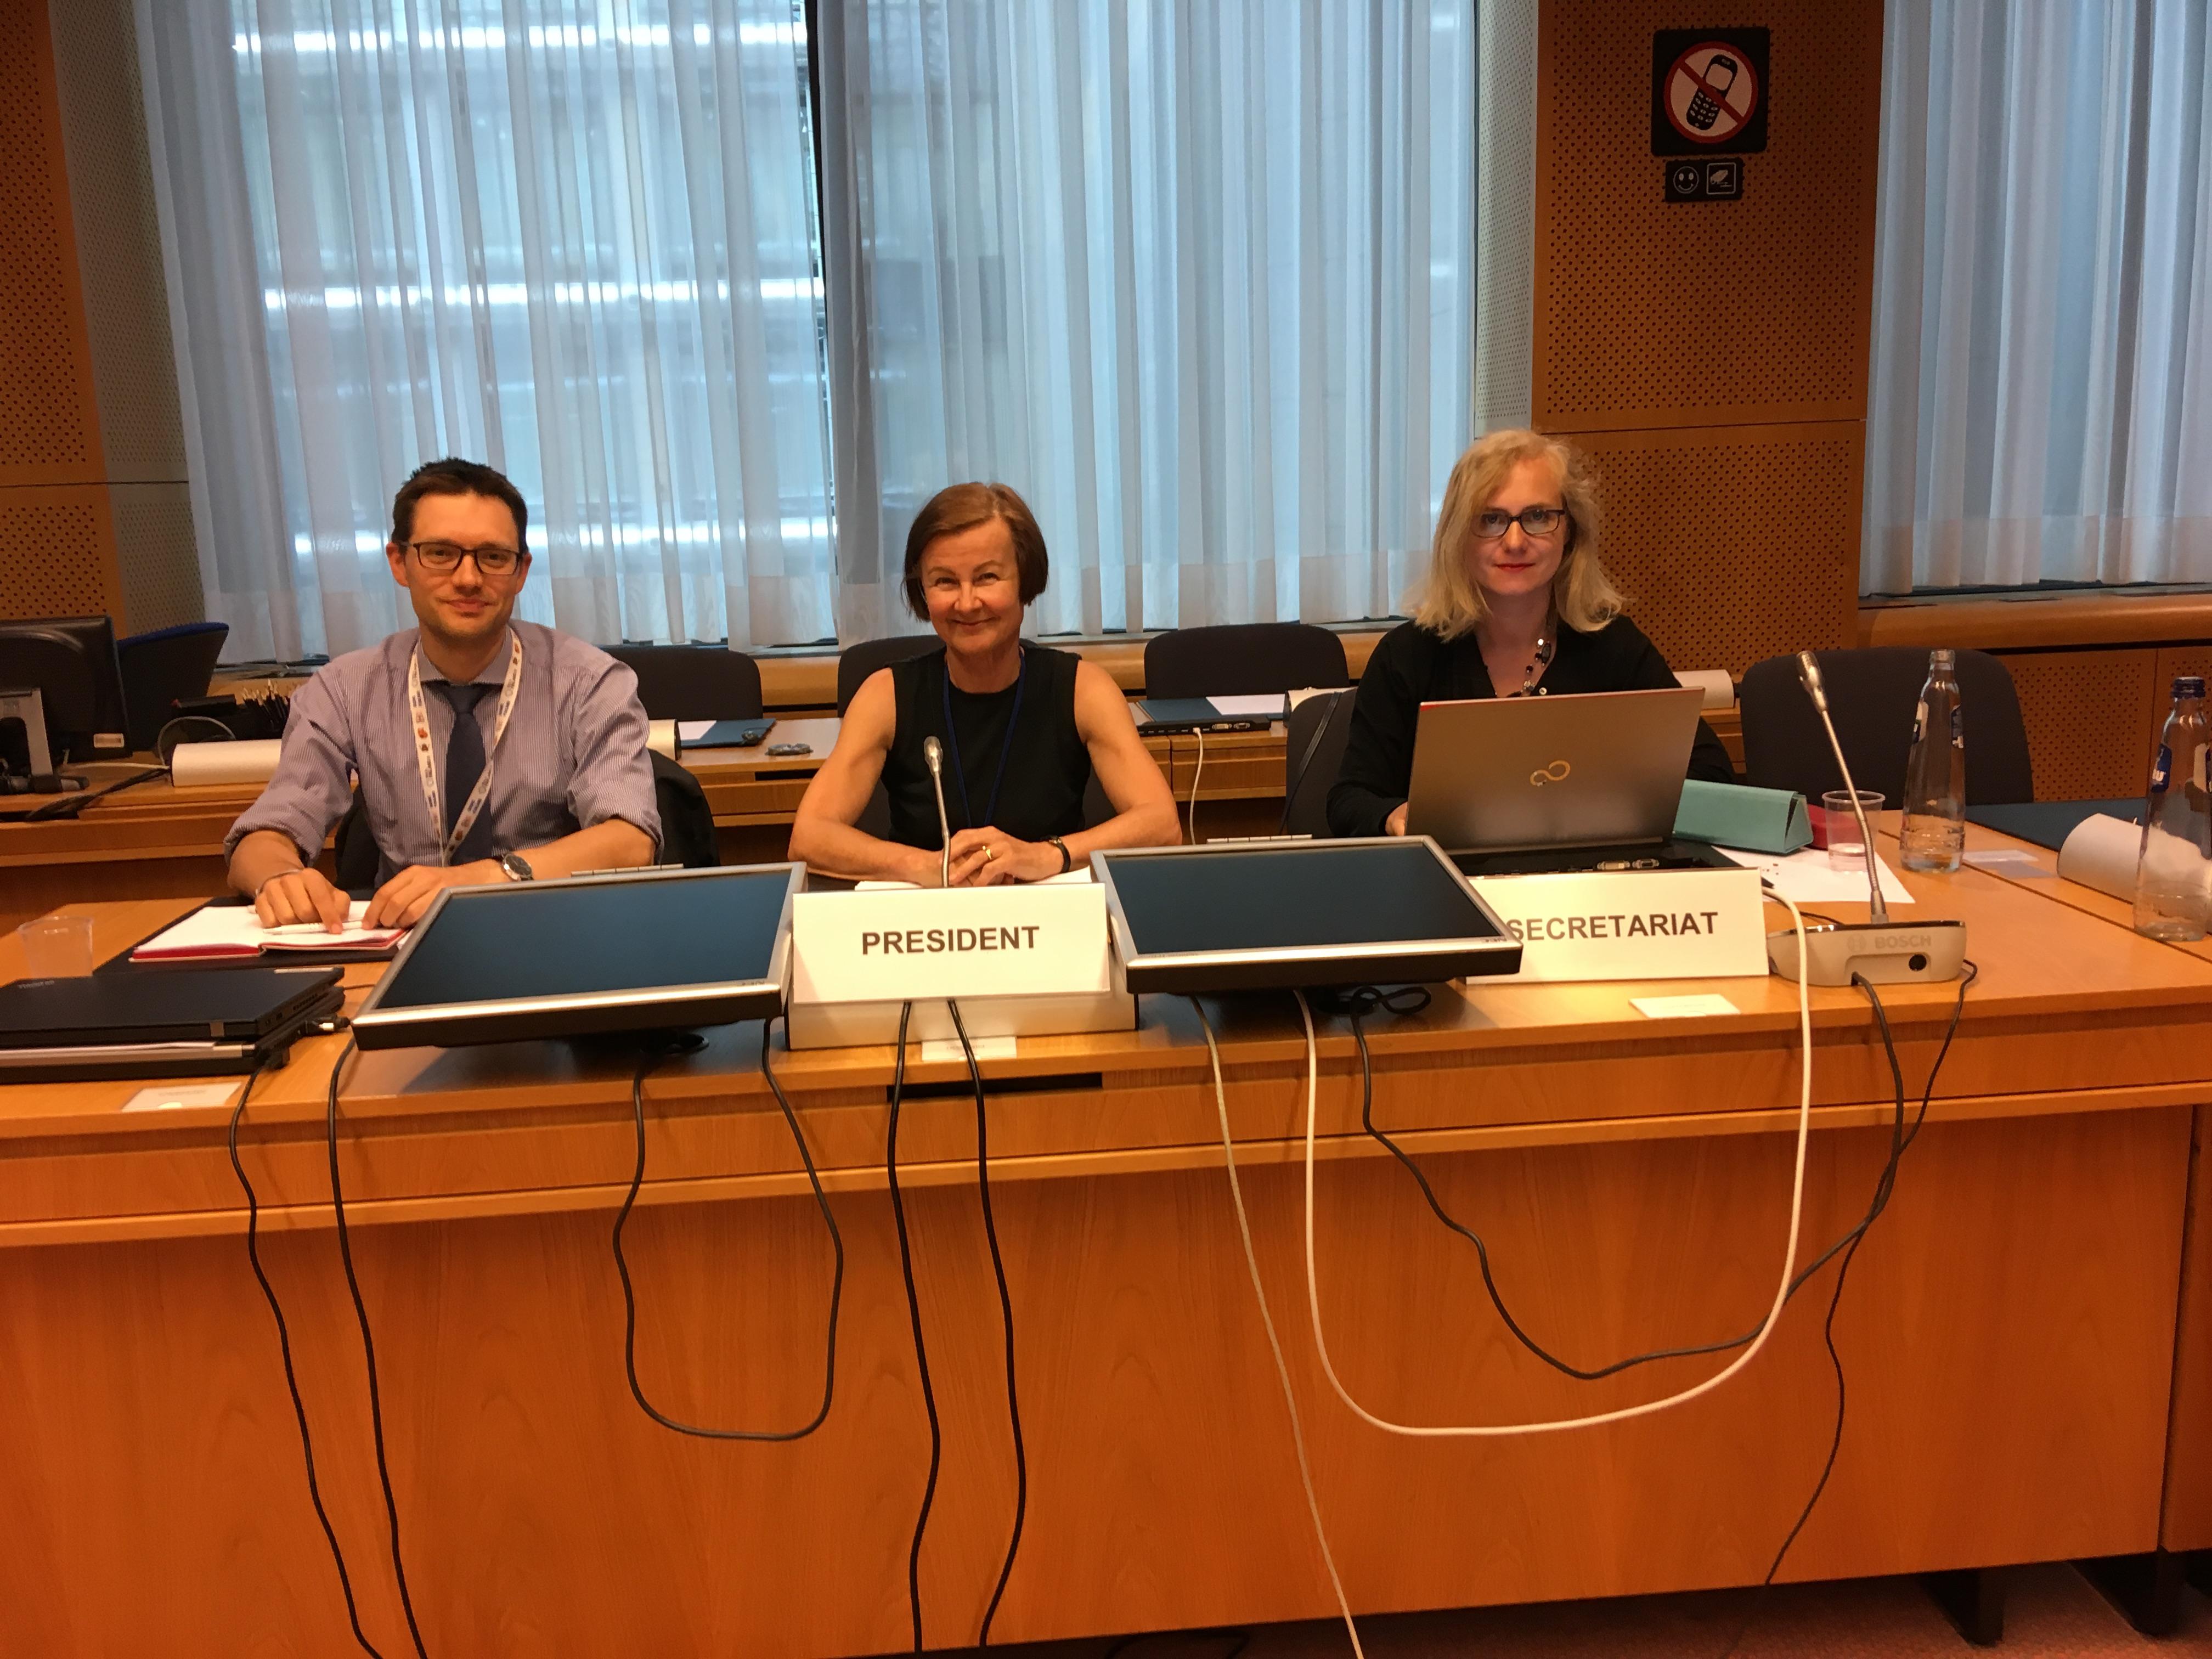 Kirjoittaja Olli Nurmi, työryhmän puheenjohtajana Suomen kaudella toiminut Merja Lindroos-Binham ja neuvoston sihteeristön Anna Lipska neuvottelupöydän takana.